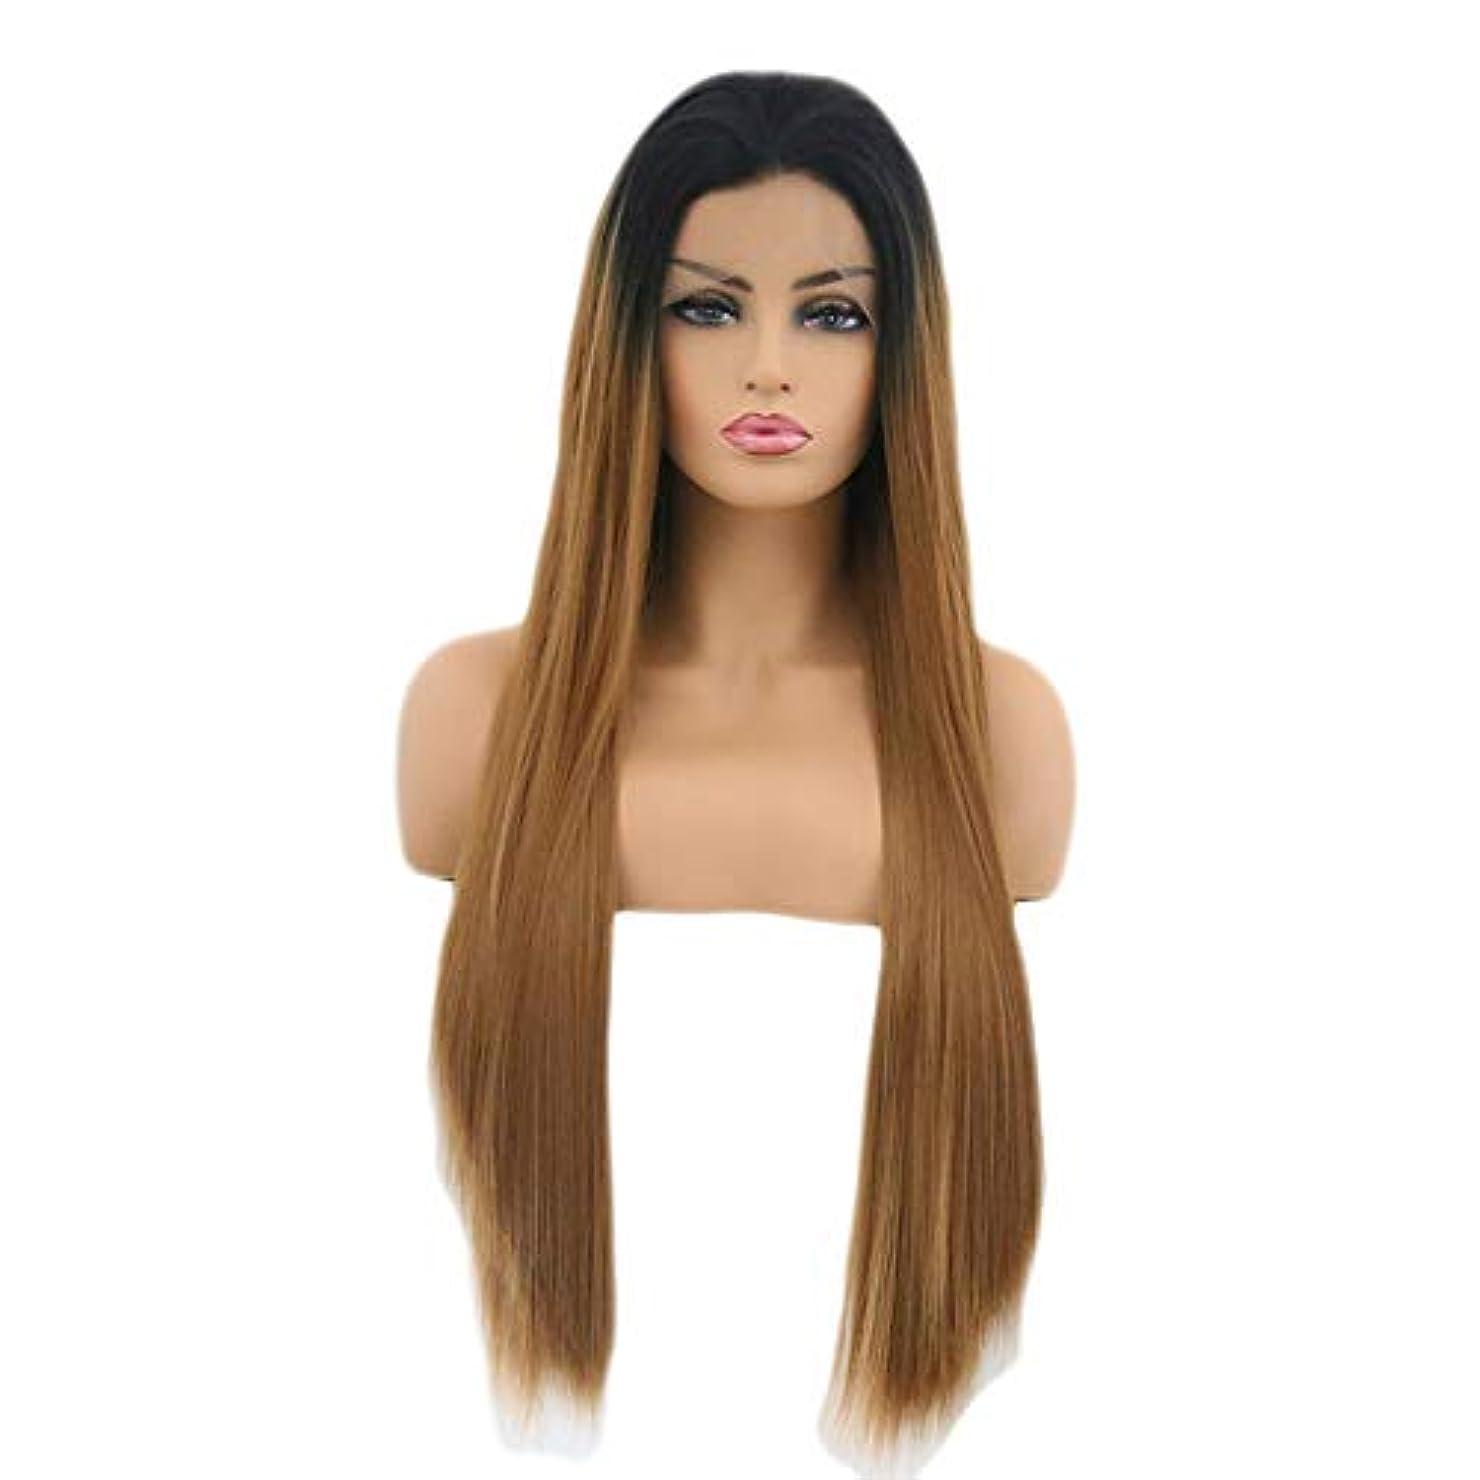 共同選択検索ペルソナファッショナブルな女性のかつら、長いストレートの髪のかつら、任意の頭の形のための高温ワイヤー調節可能なかつら16-26インチの自然なフロントレースのグラデーション